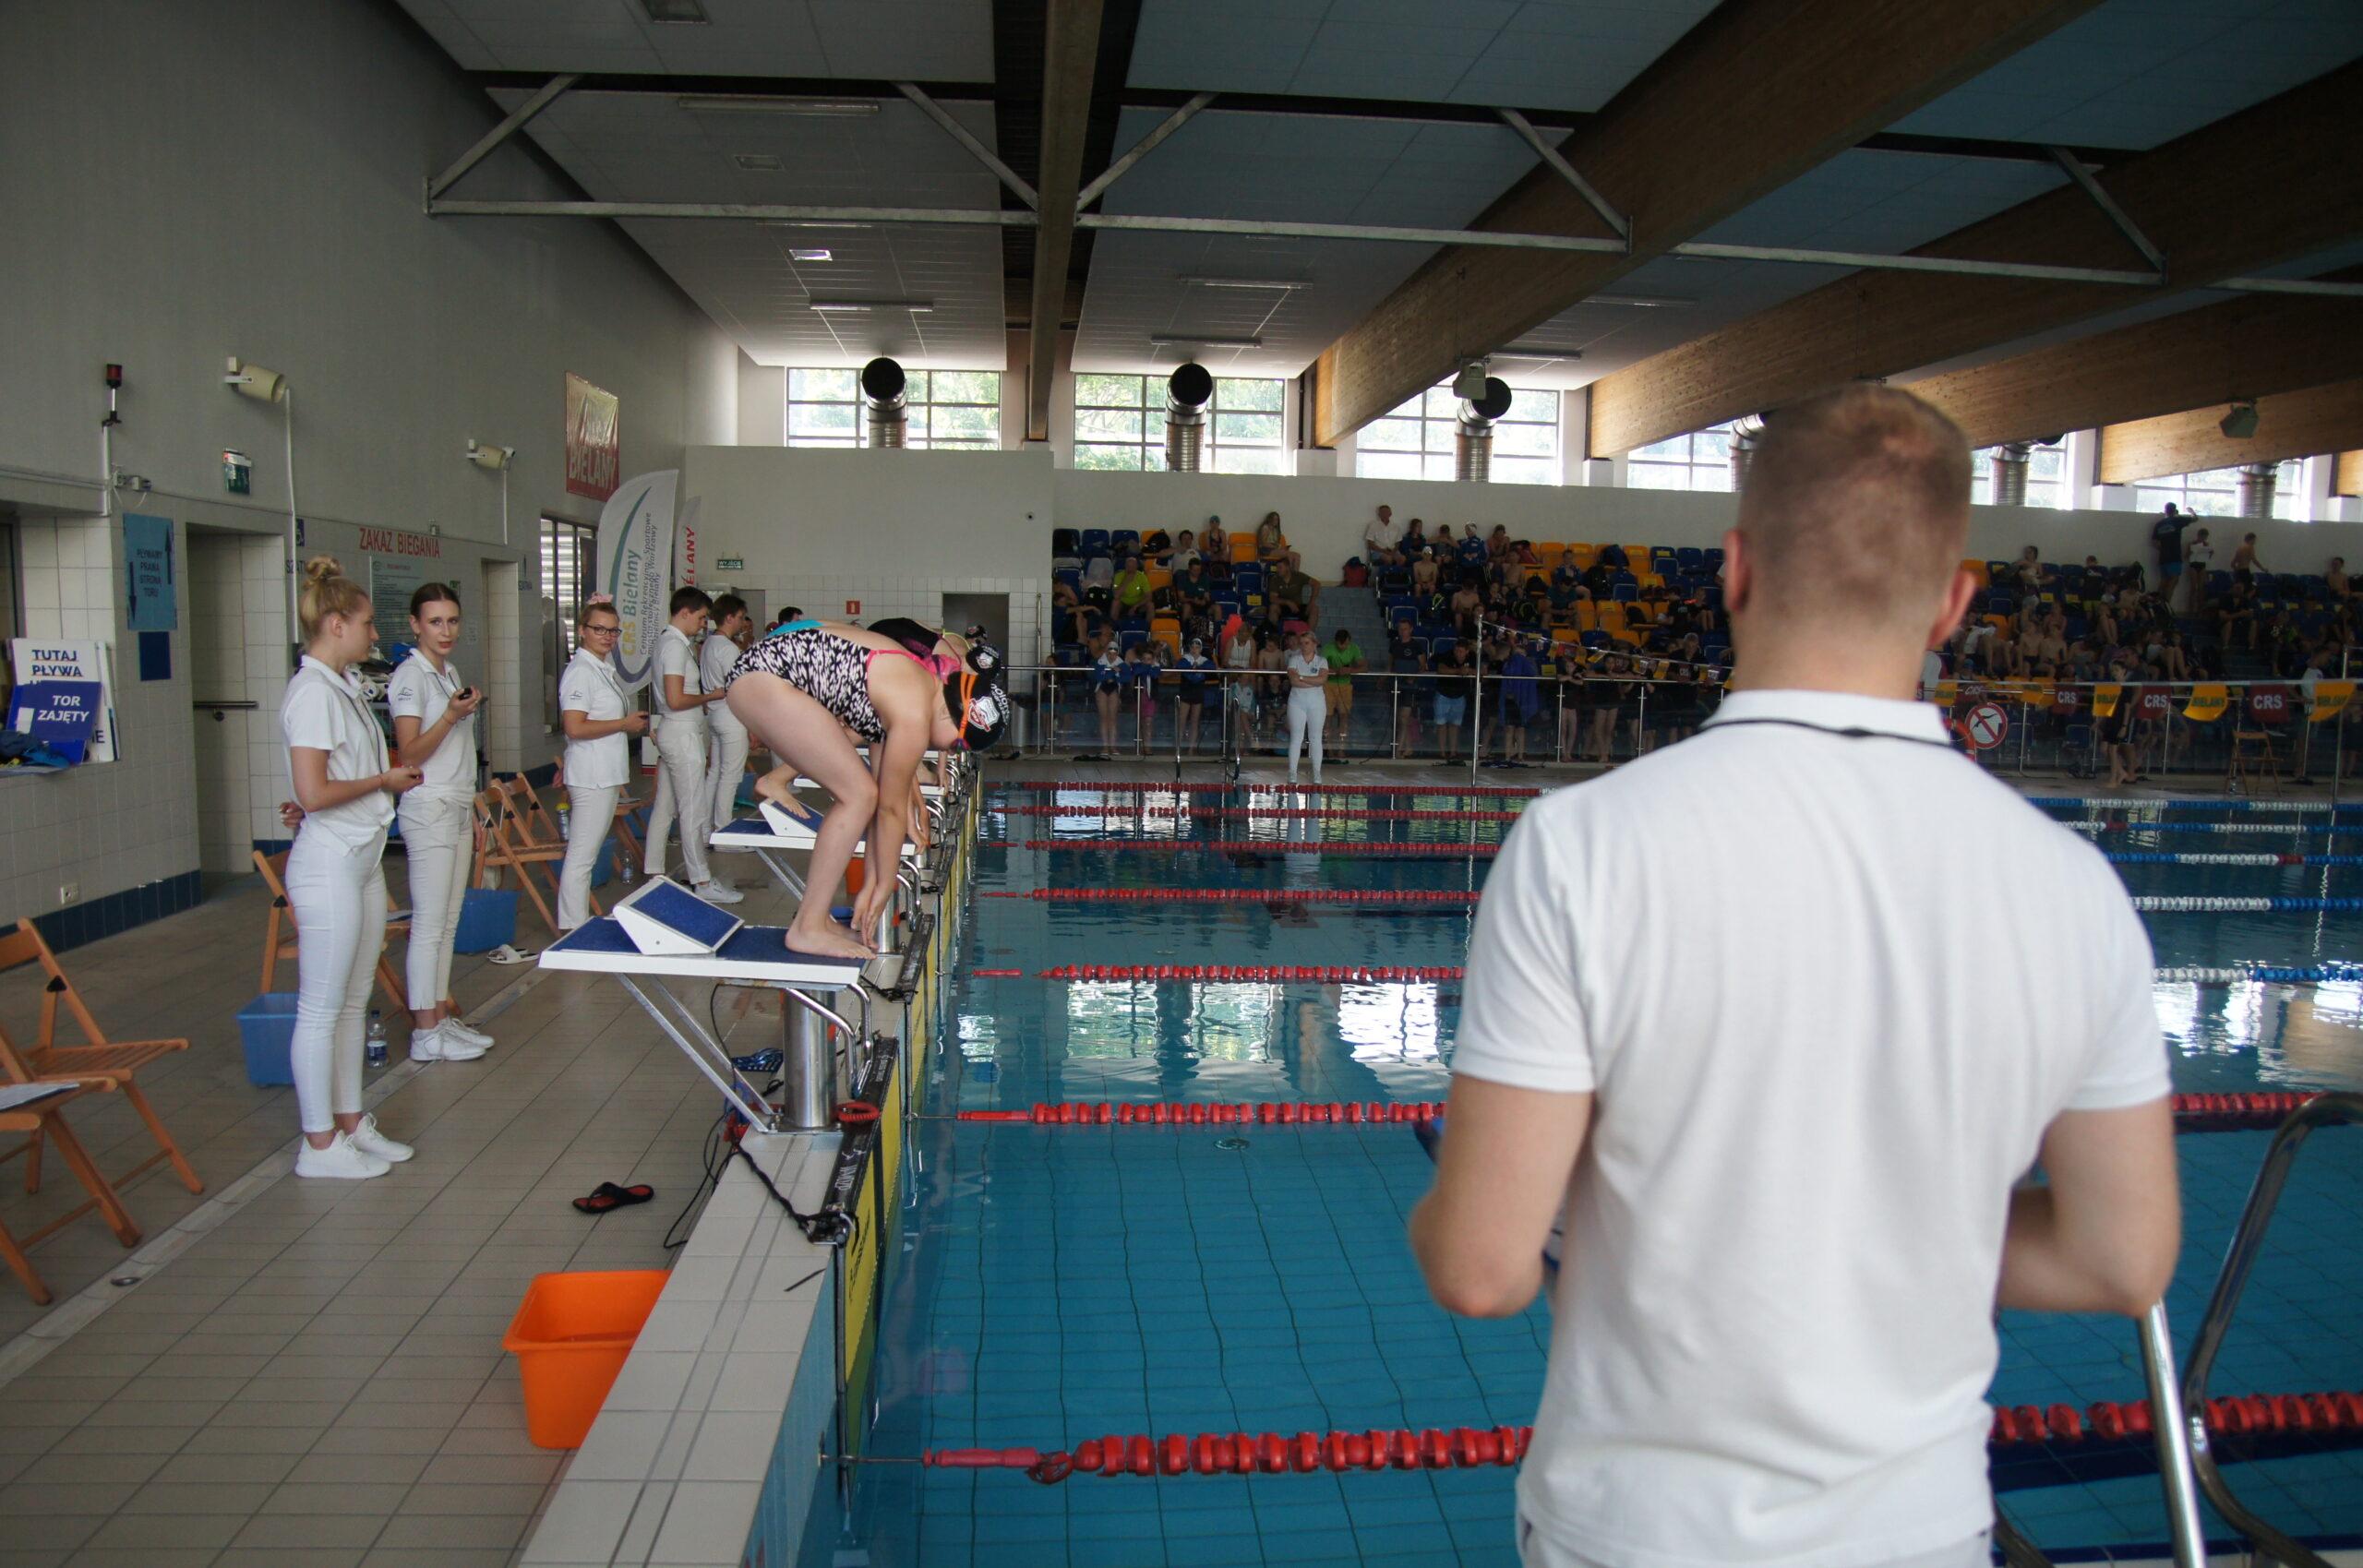 Pływalnia CRS Bielany, widać startujących zawodników i trenerów.